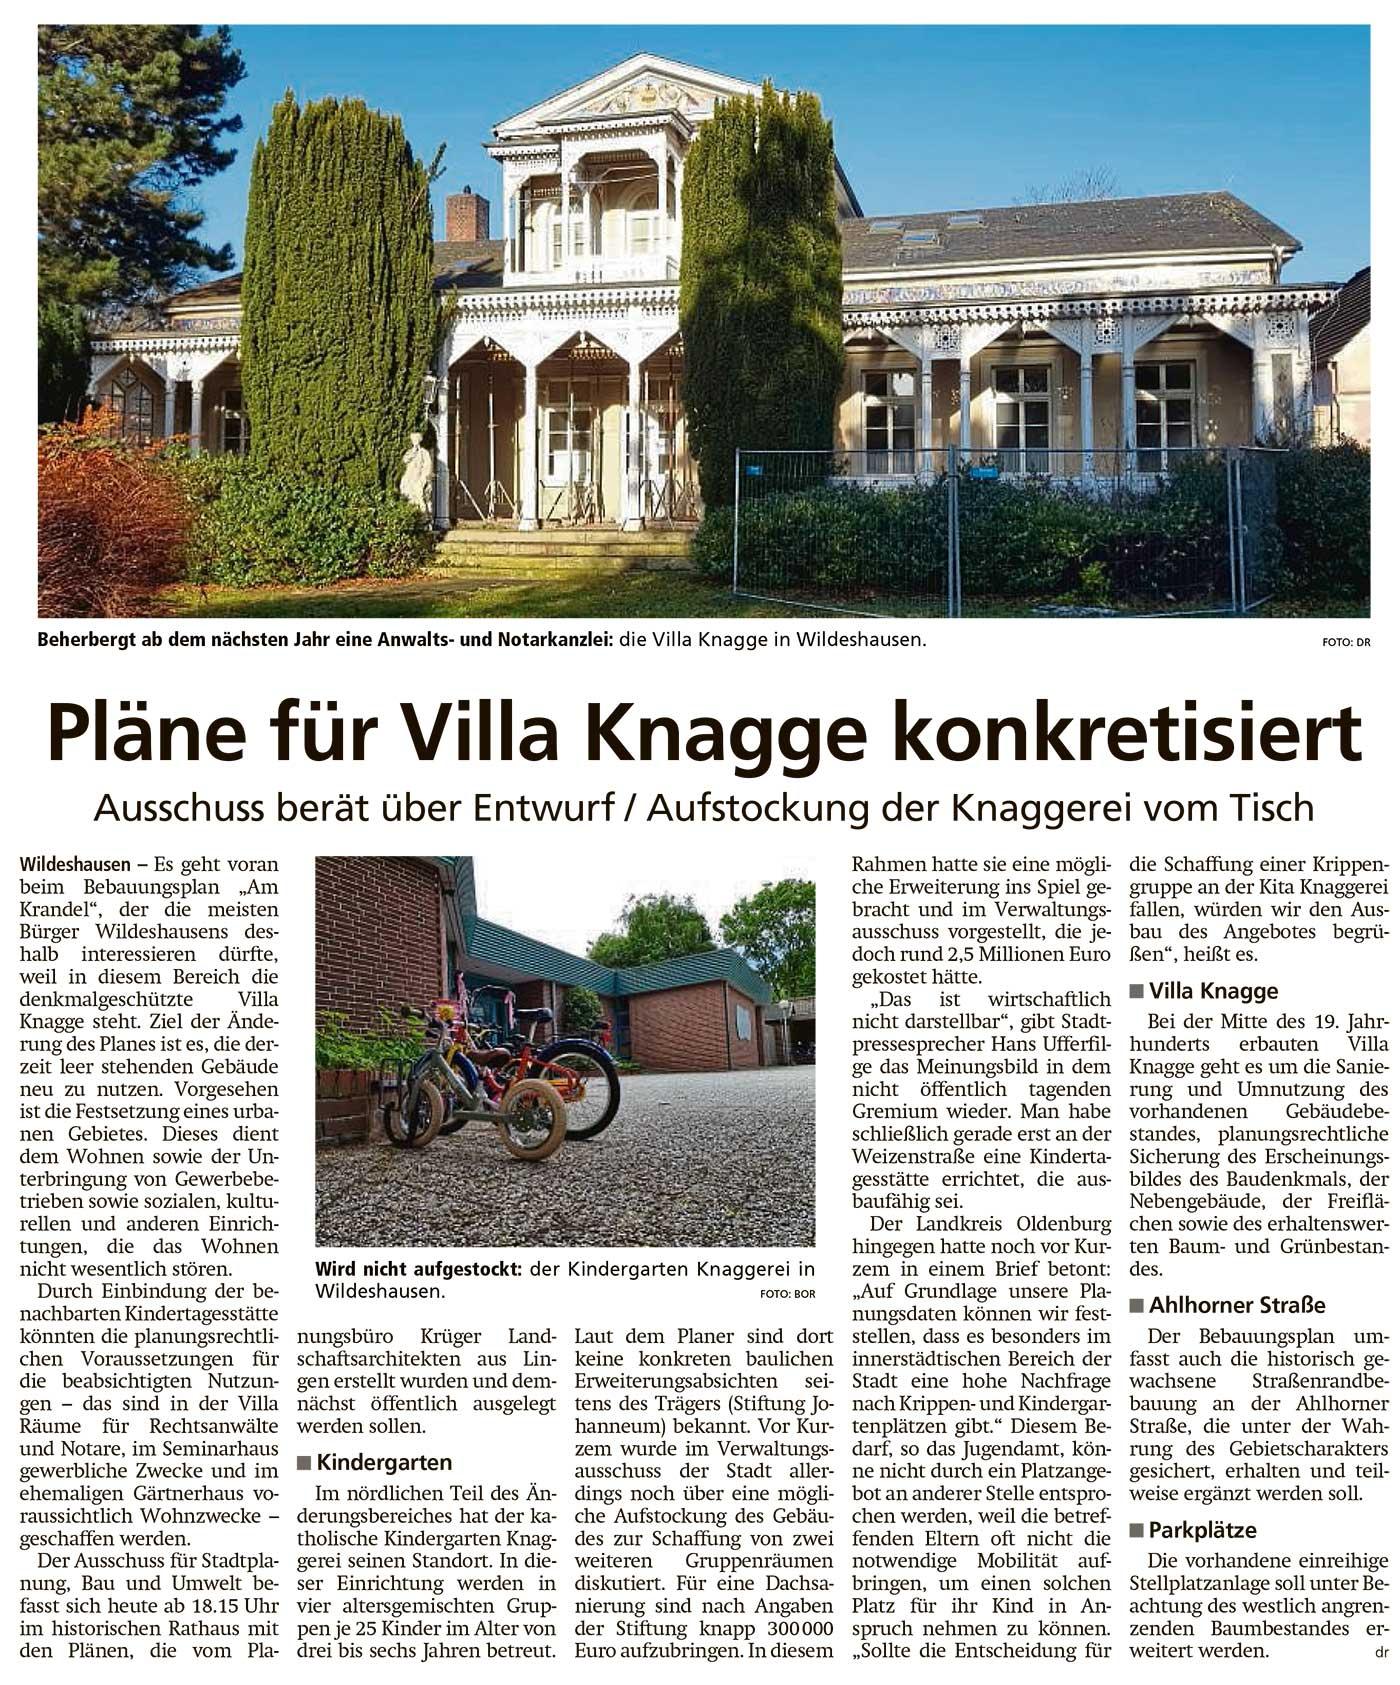 Pläne für Villa Knagge konkretisiertAusschuss berät über Entwurf / Aufstockung der Knaggerei vom TischArtikel vom 24.06.2021 (WZ)